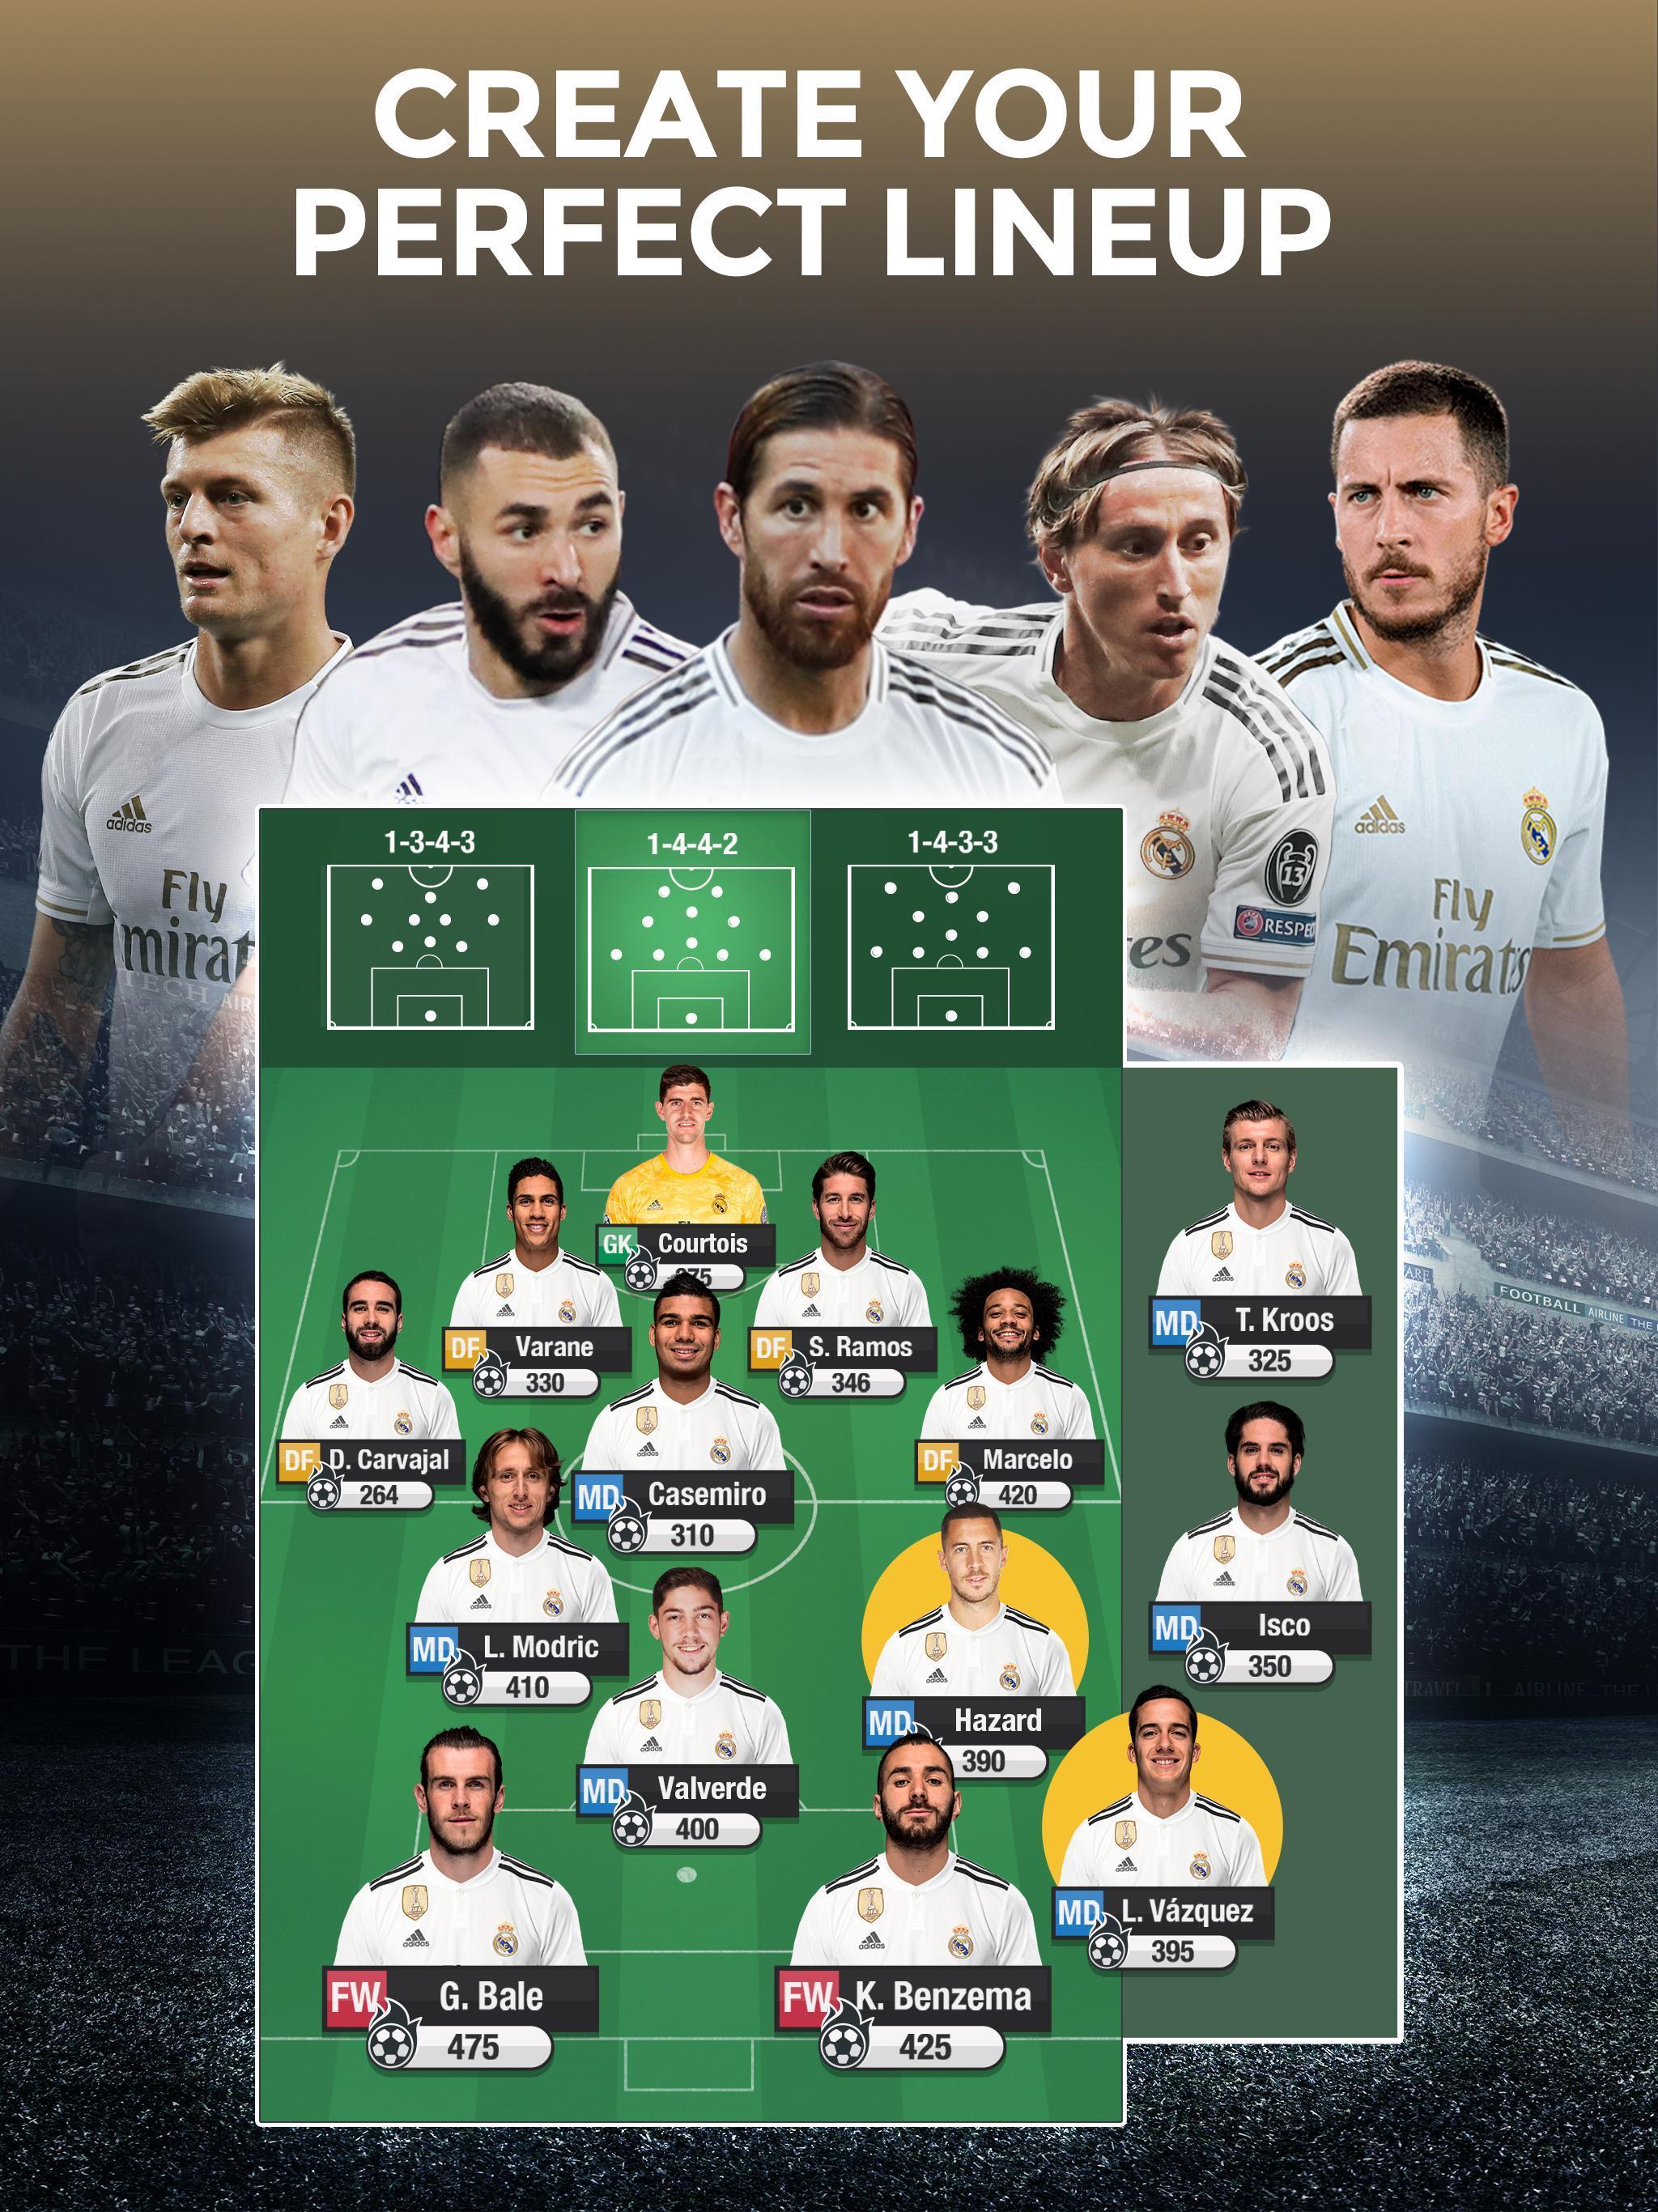 Real Madrid Fantasy Manager'20 Real football live screenshot 10